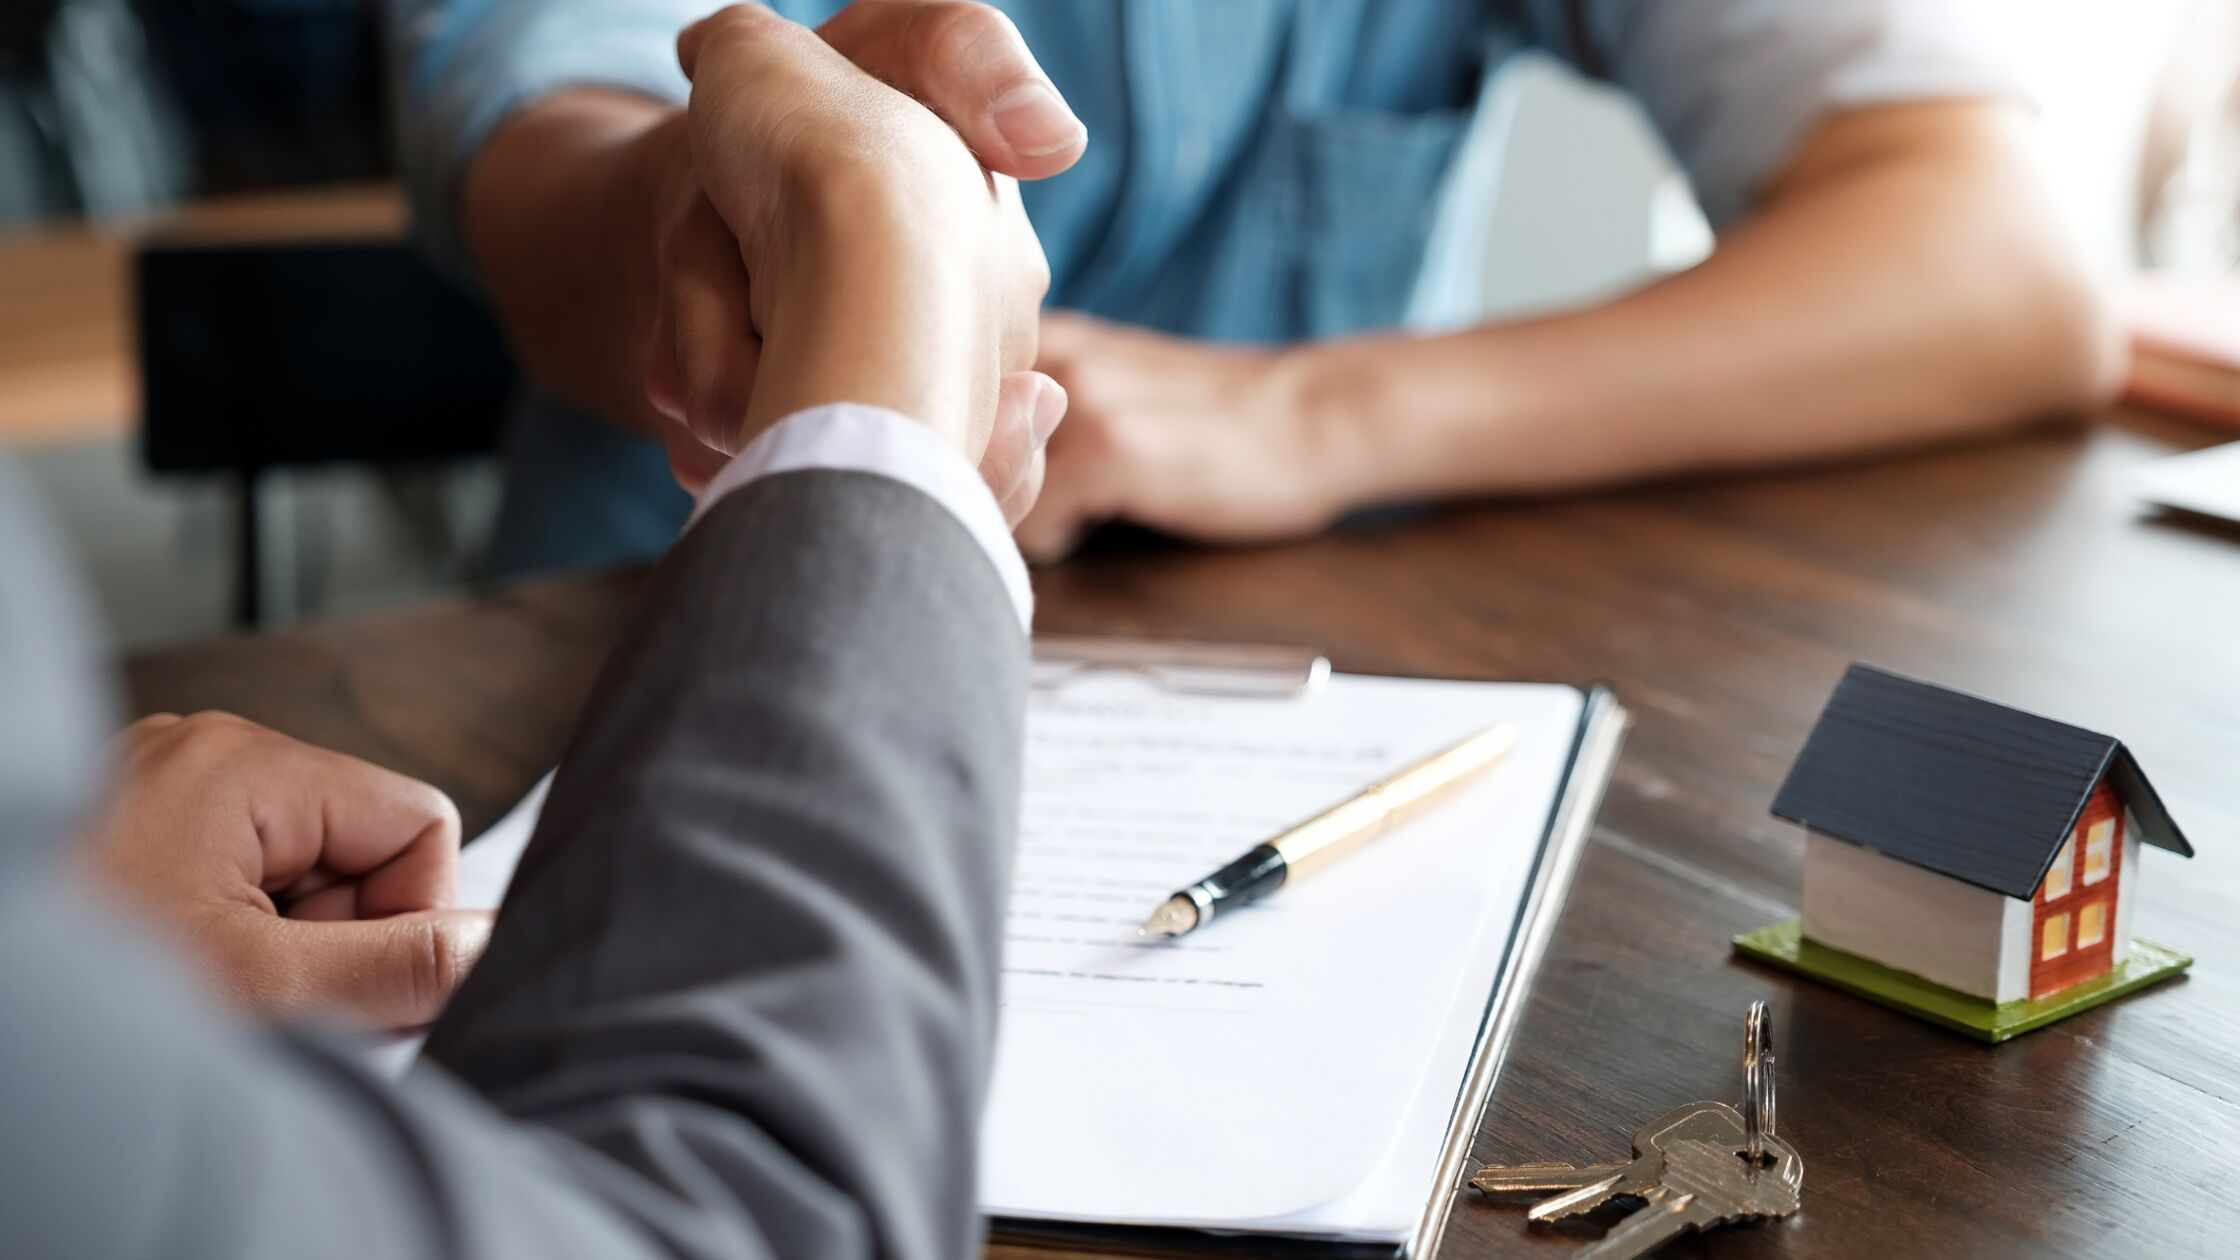 Personen besiegeln einen Vertrag mit Handschlag